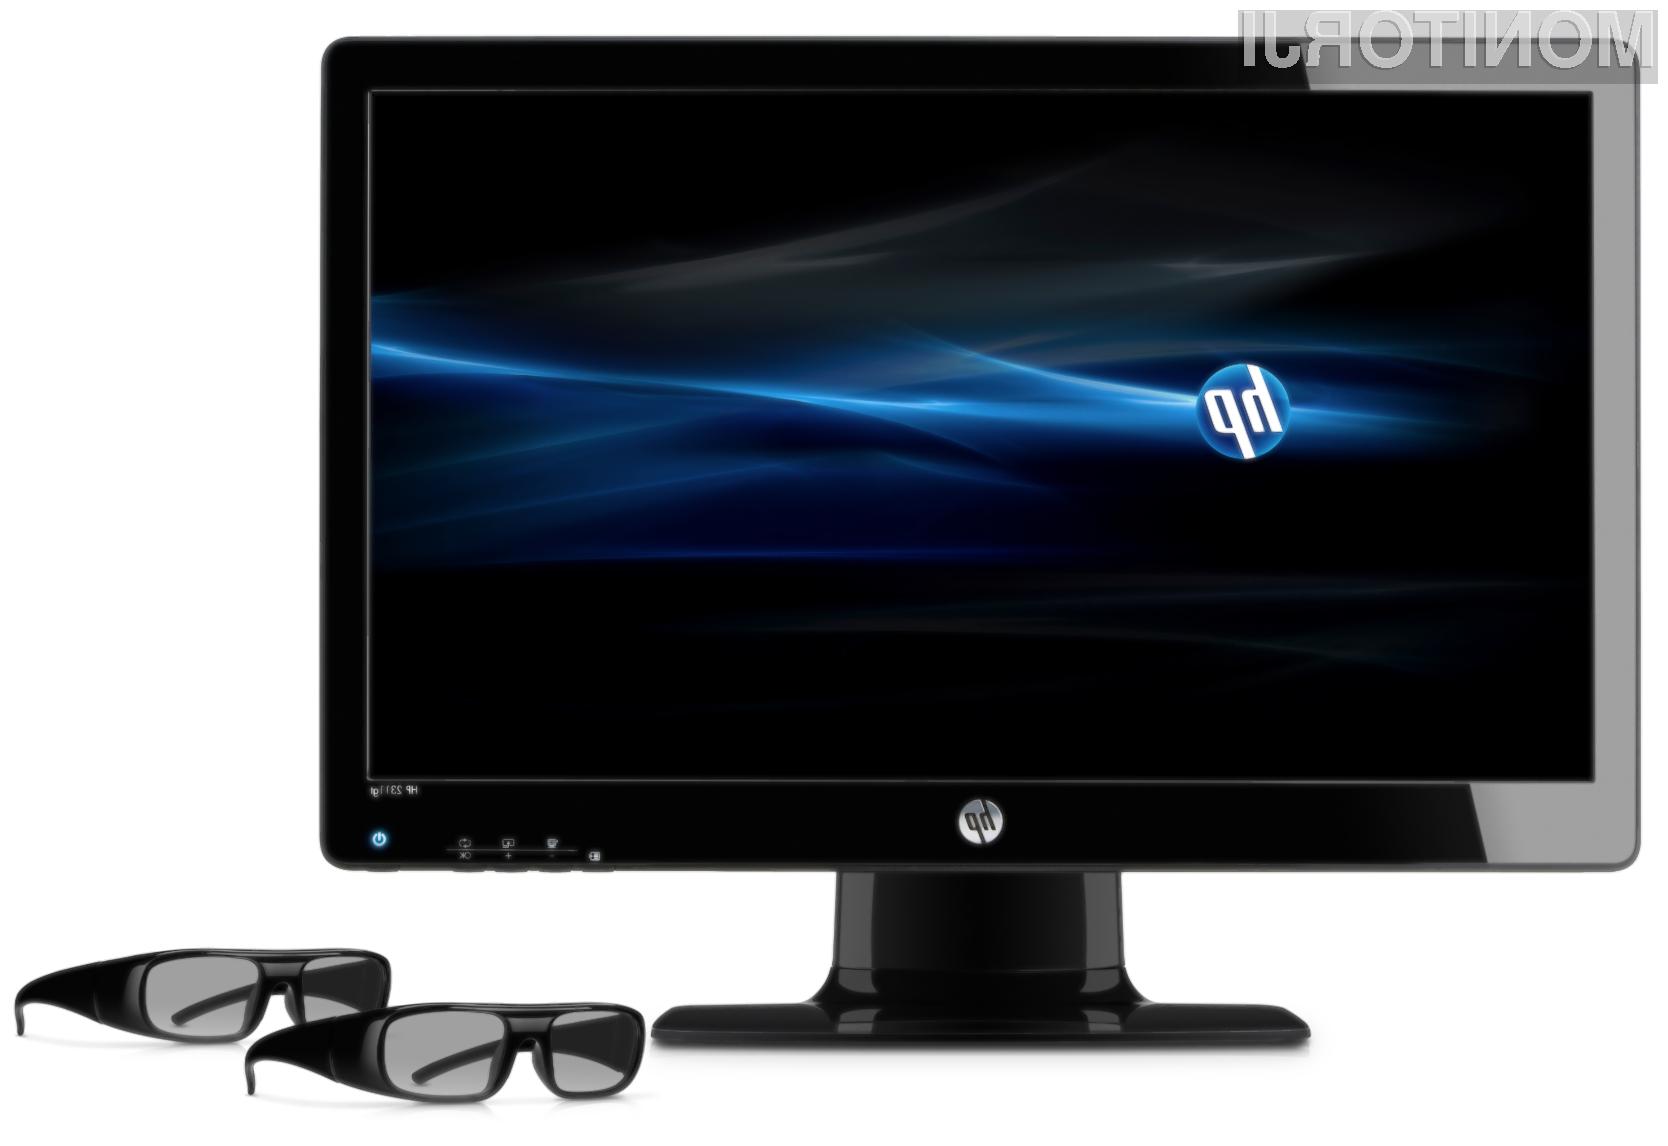 Tridimenzionalni učinek je podjetje HP doseglo s pomočjo pasivne tehnologije FLRJ (Film Patterned Retarder), ki od uporabnikov zahteva uporabo pasivnih 3D očal.